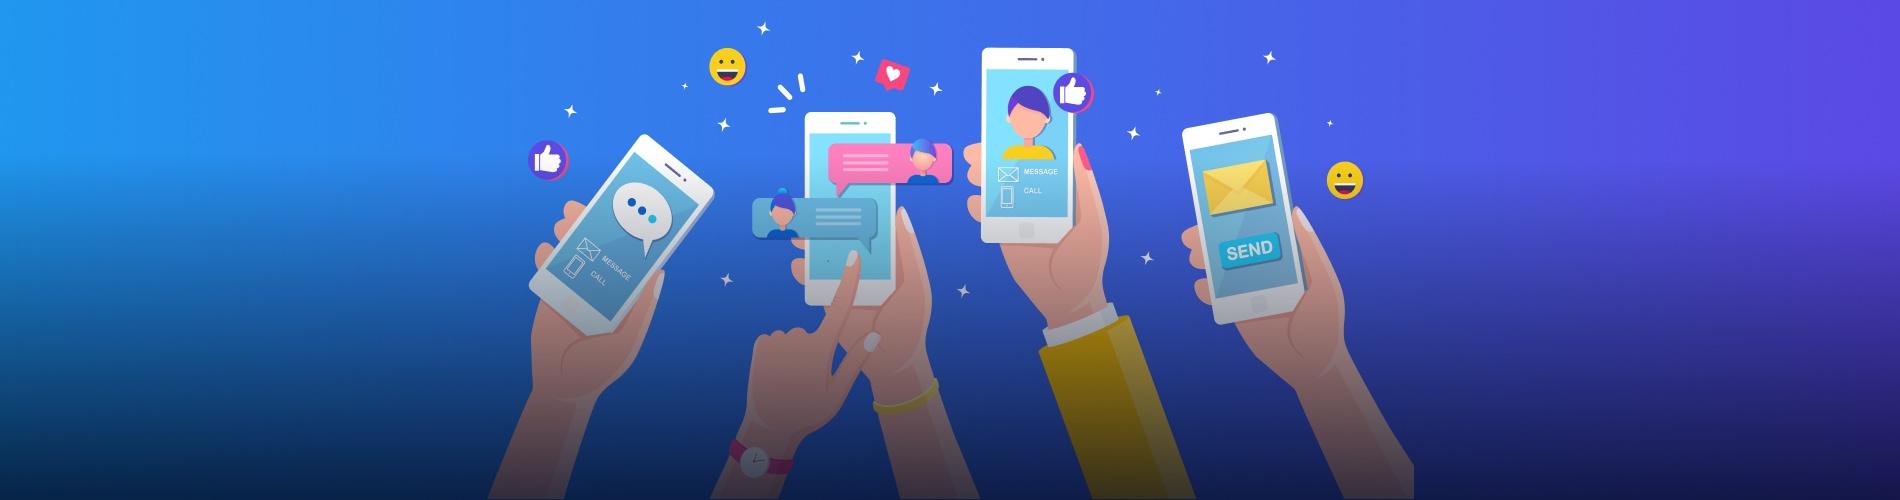 create a social media app